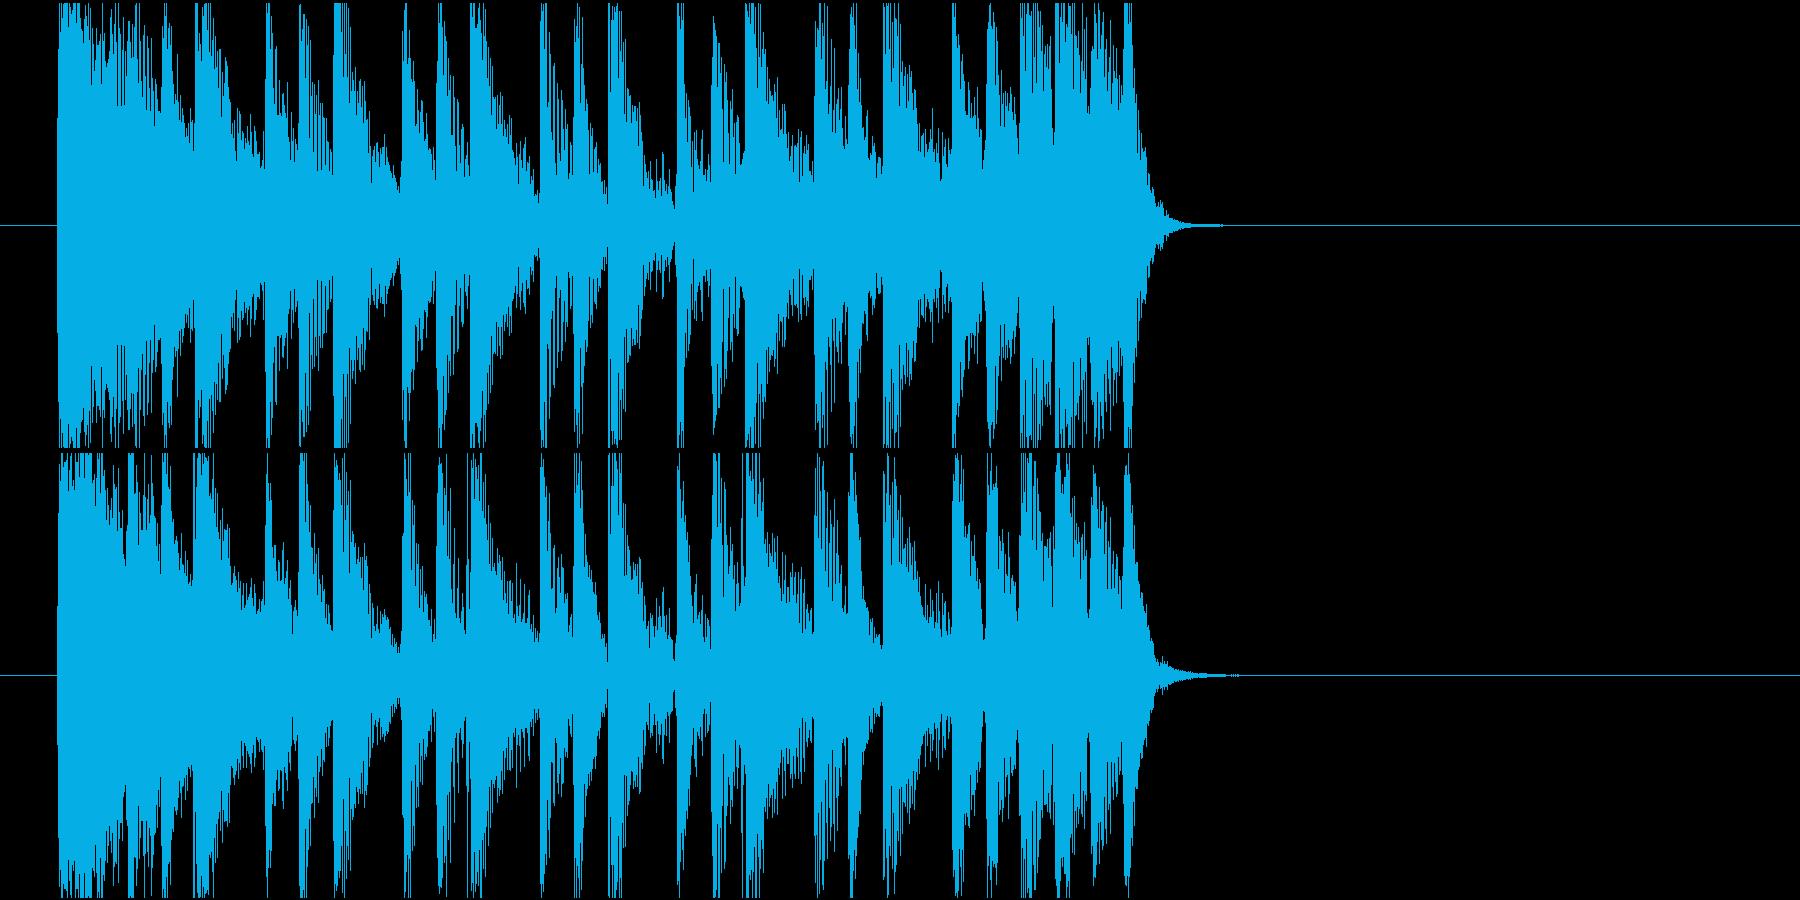 【ジングル】80年代ディスコ風の曲の再生済みの波形